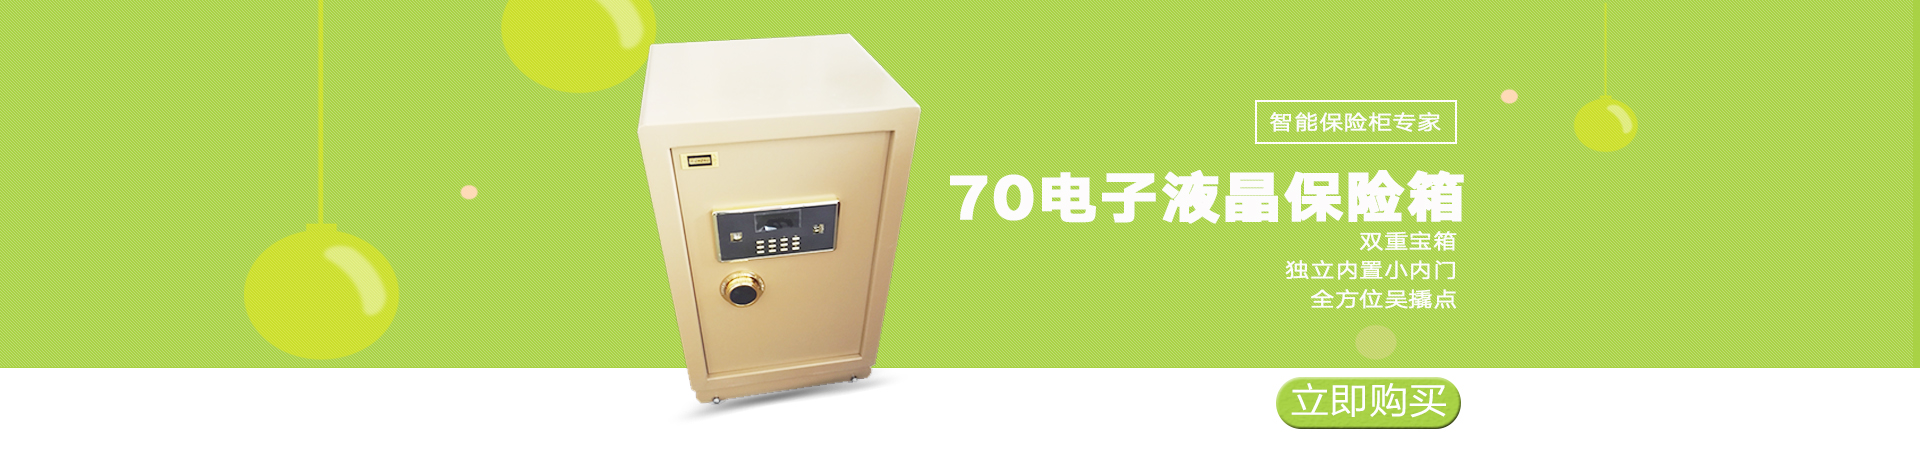 70电子液晶保险箱